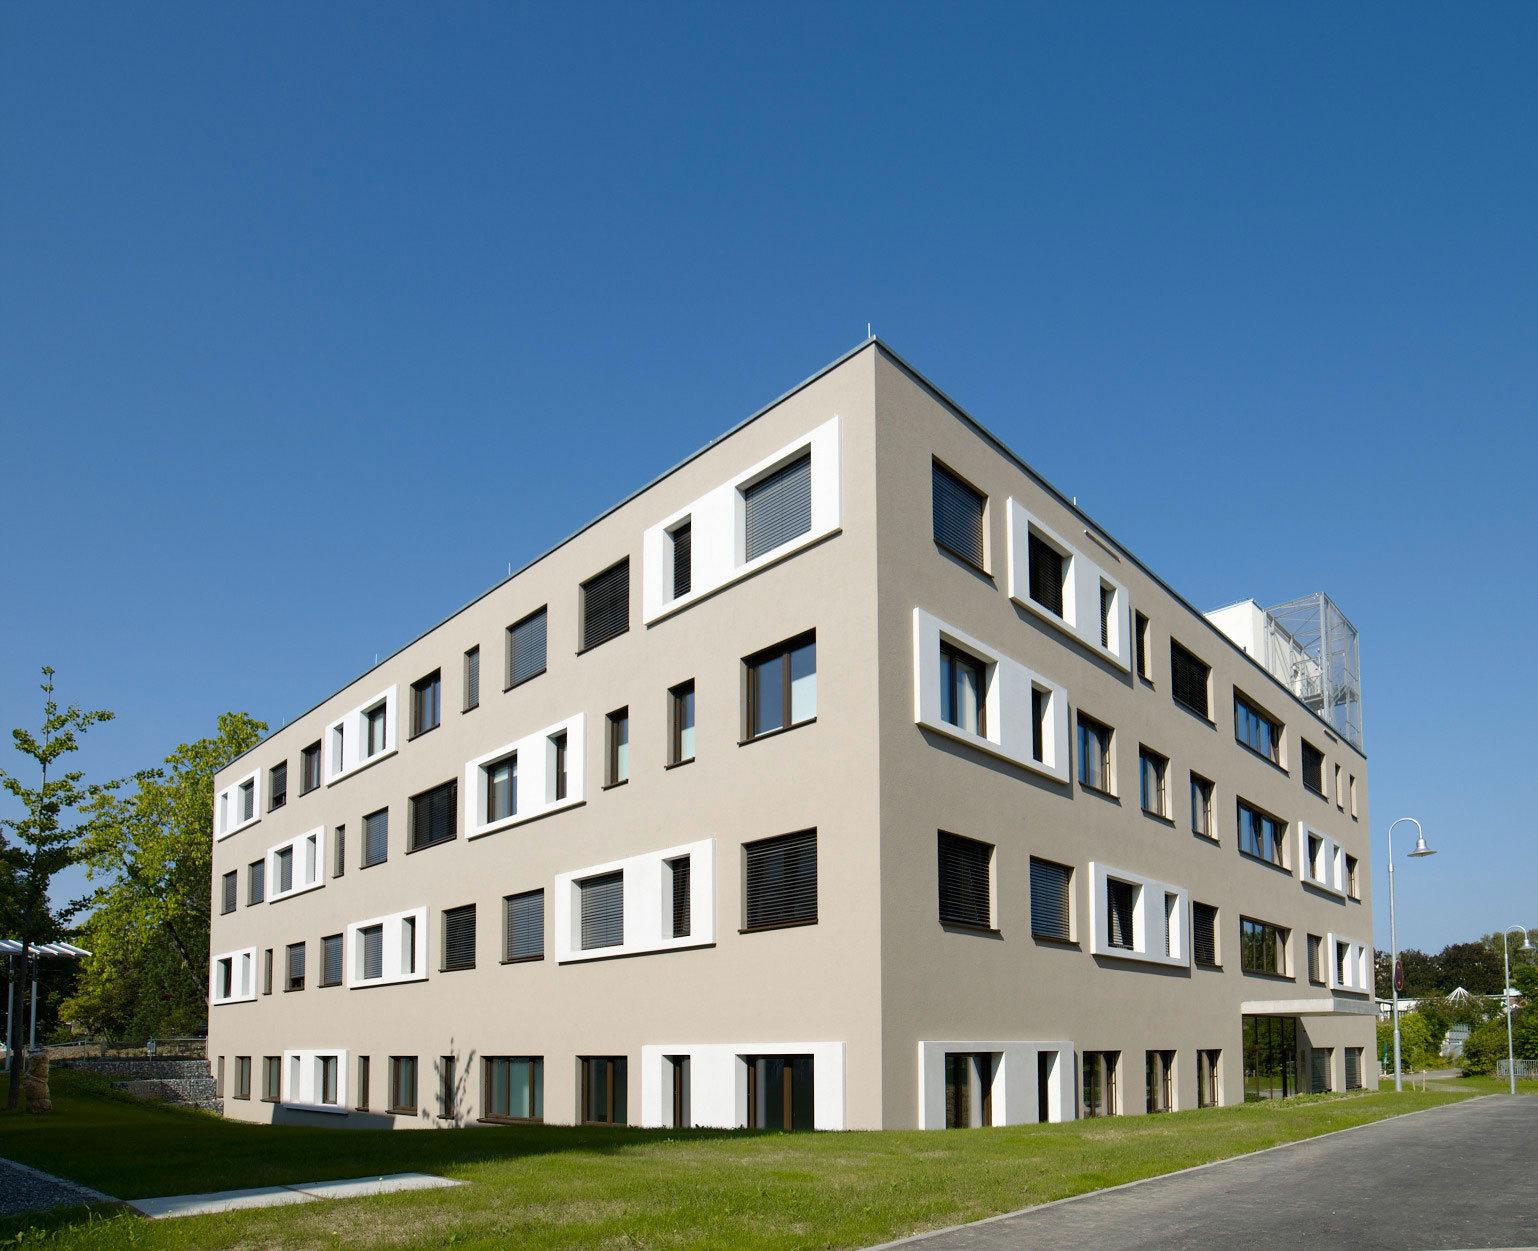 Architekten Konstanz ärztehaus konstanz bodamer faber architekten stuttgart